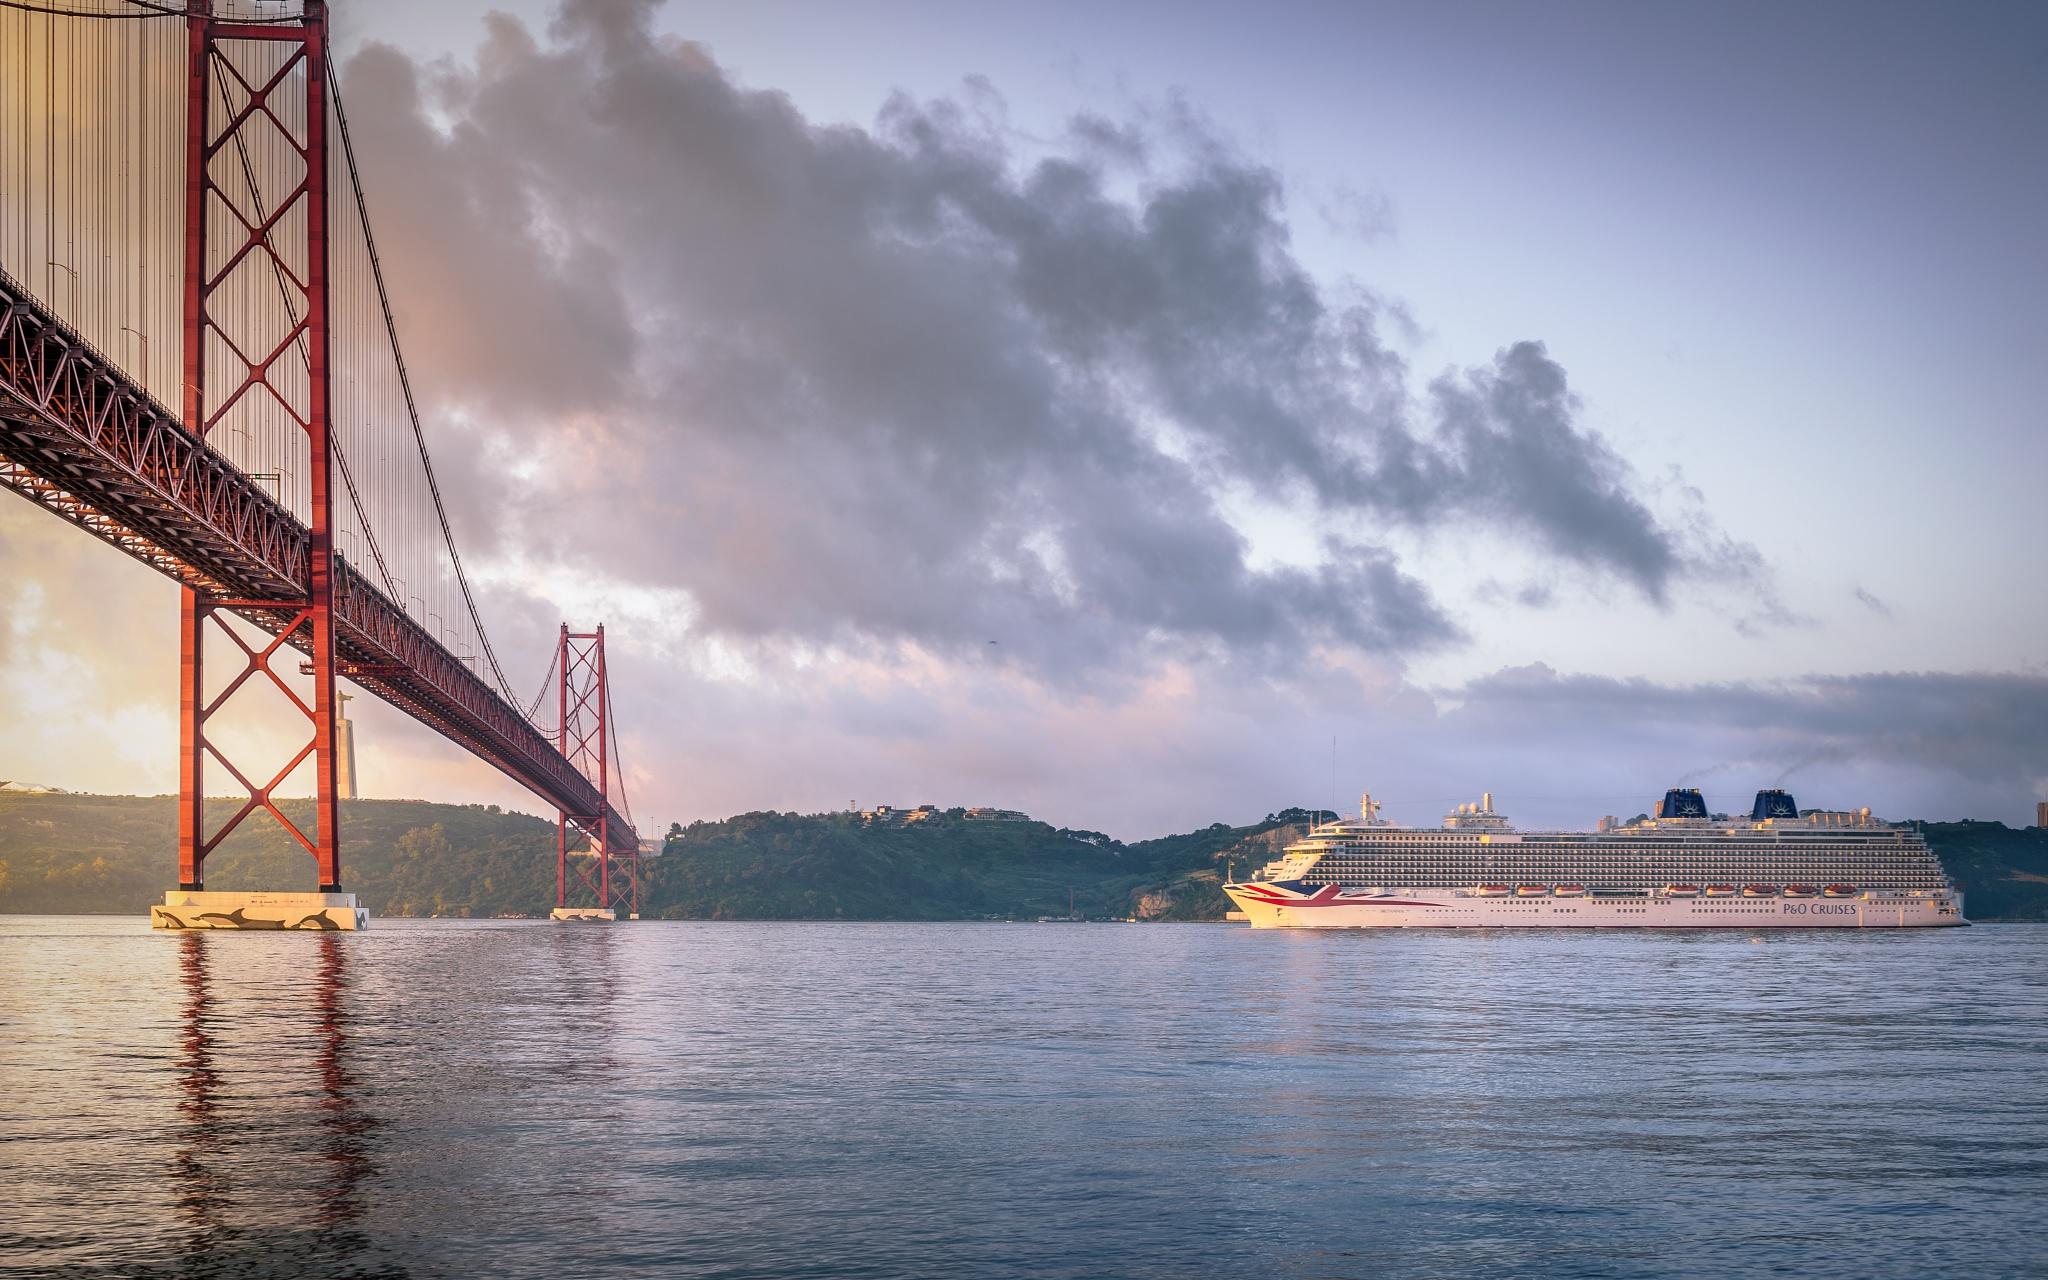 Zarpando al amanecer by Eduardo Regueiro